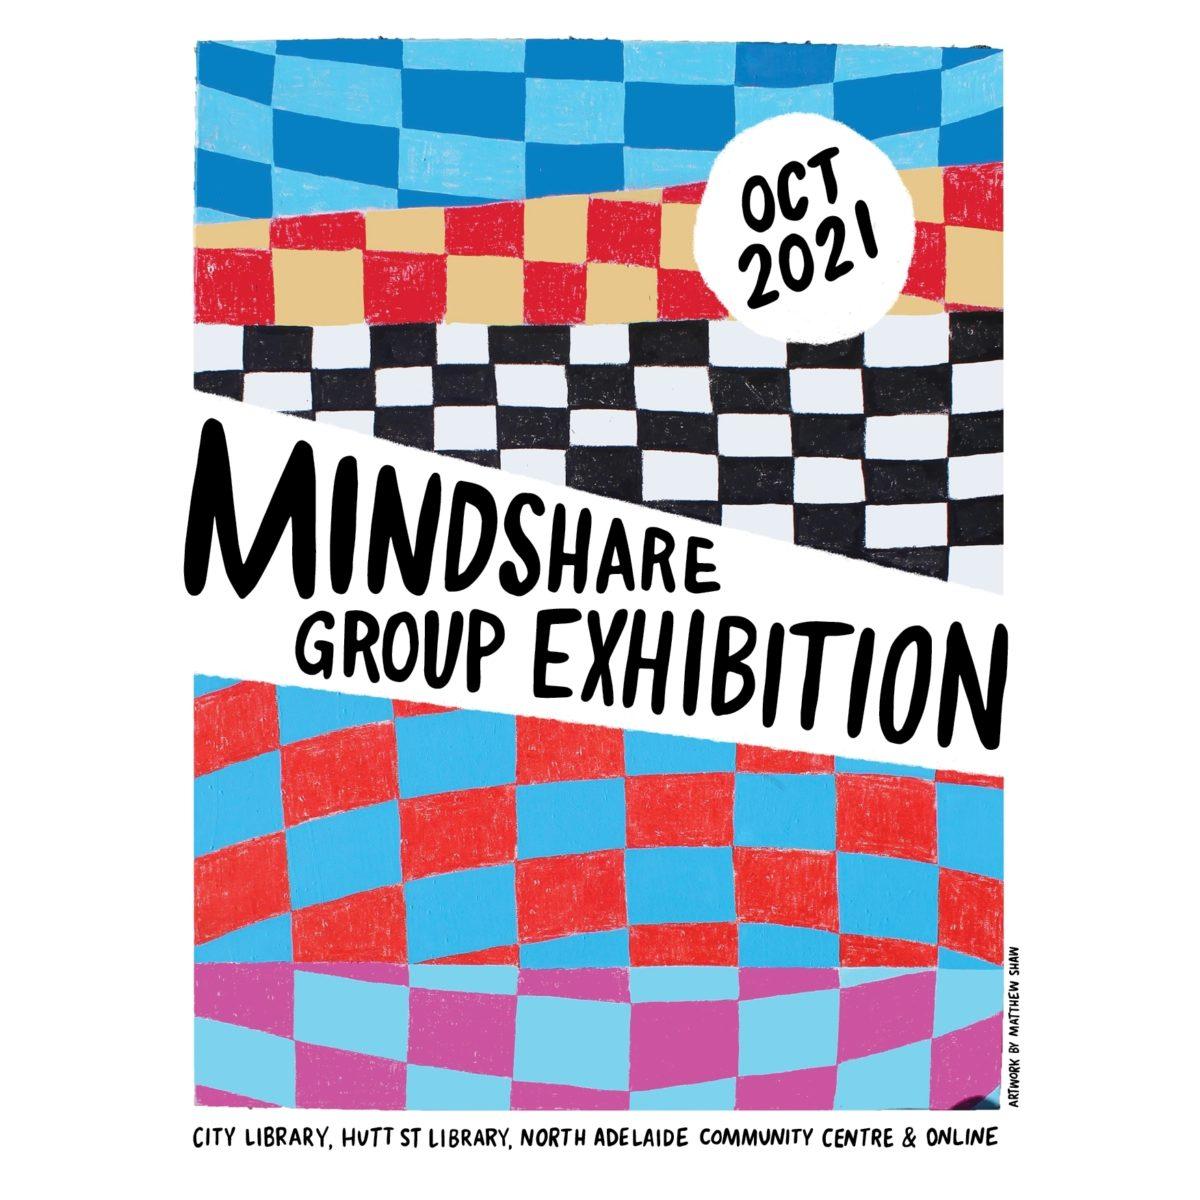 Mindshare exhibition 2021 Tile v1 002